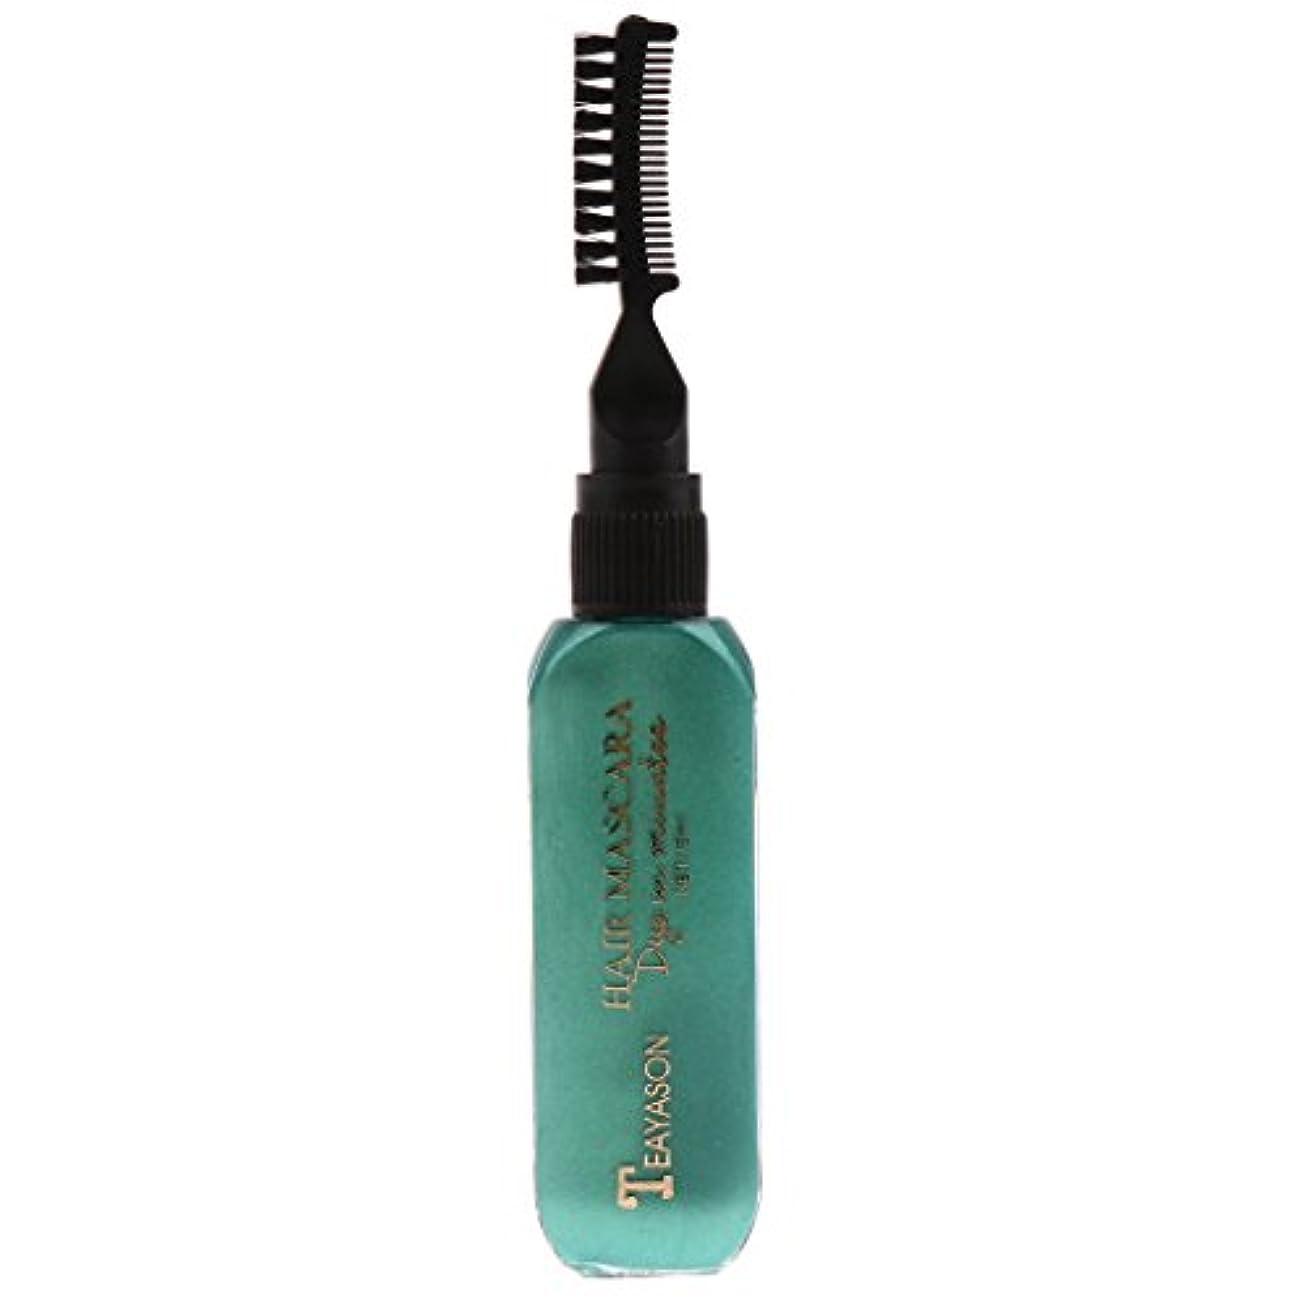 不定強風傾向があるSharplace 使い捨て 髪の色チョーク 染料 濃淡 ハイライト マスカラ おしゃれ染め 13色選べ - 緑